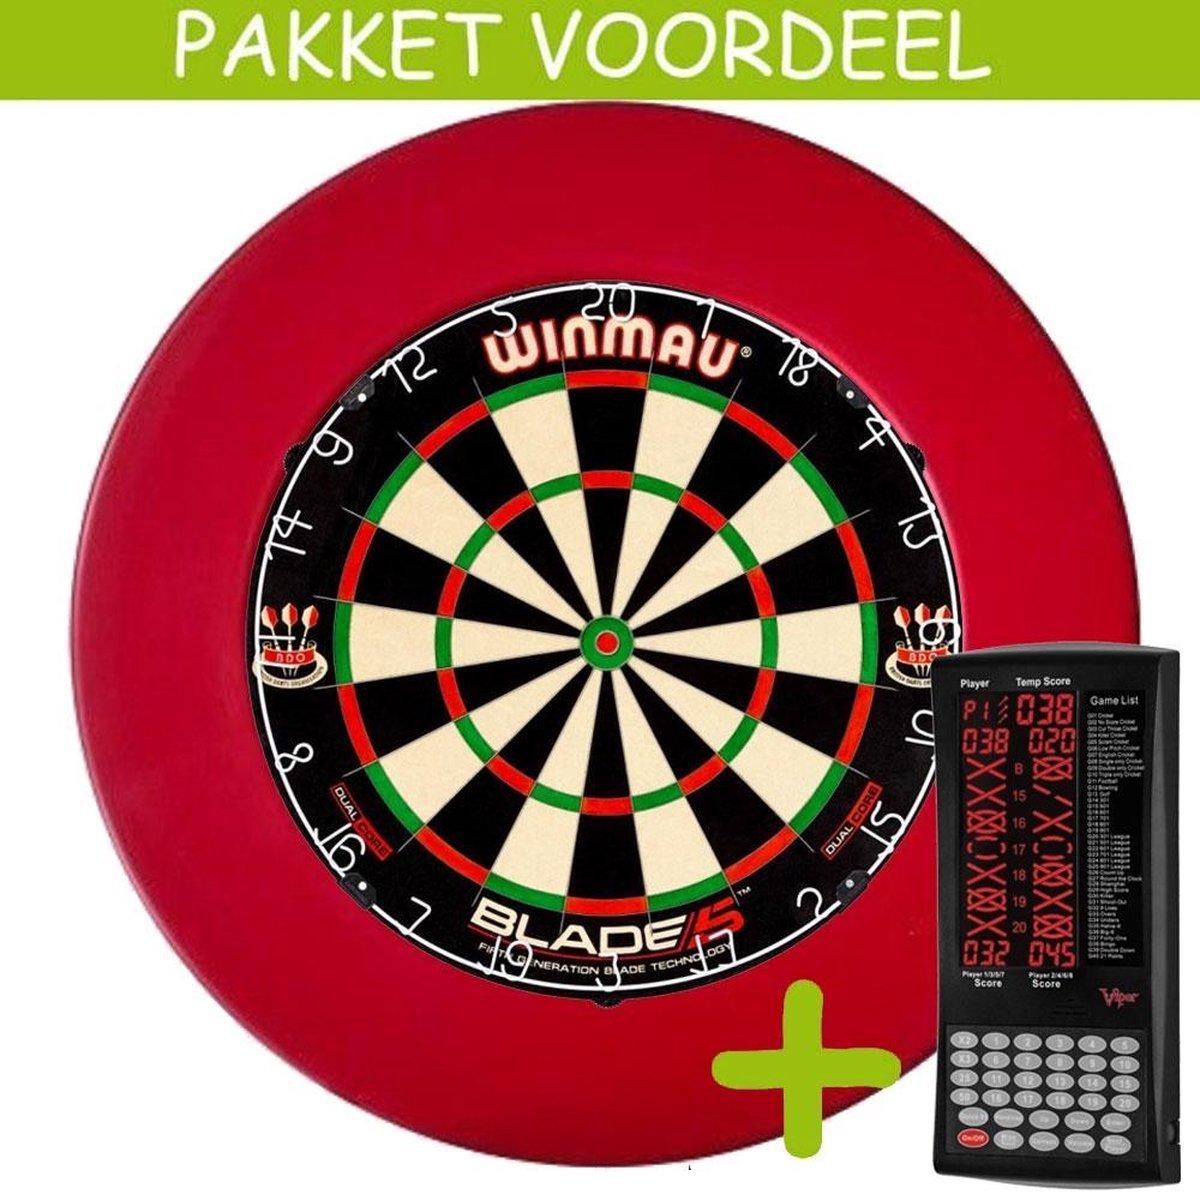 Elektronisch Dart Scorebord VoordeelPakket (Viper ) - Dual Core - Rubberen Surround (Rood)